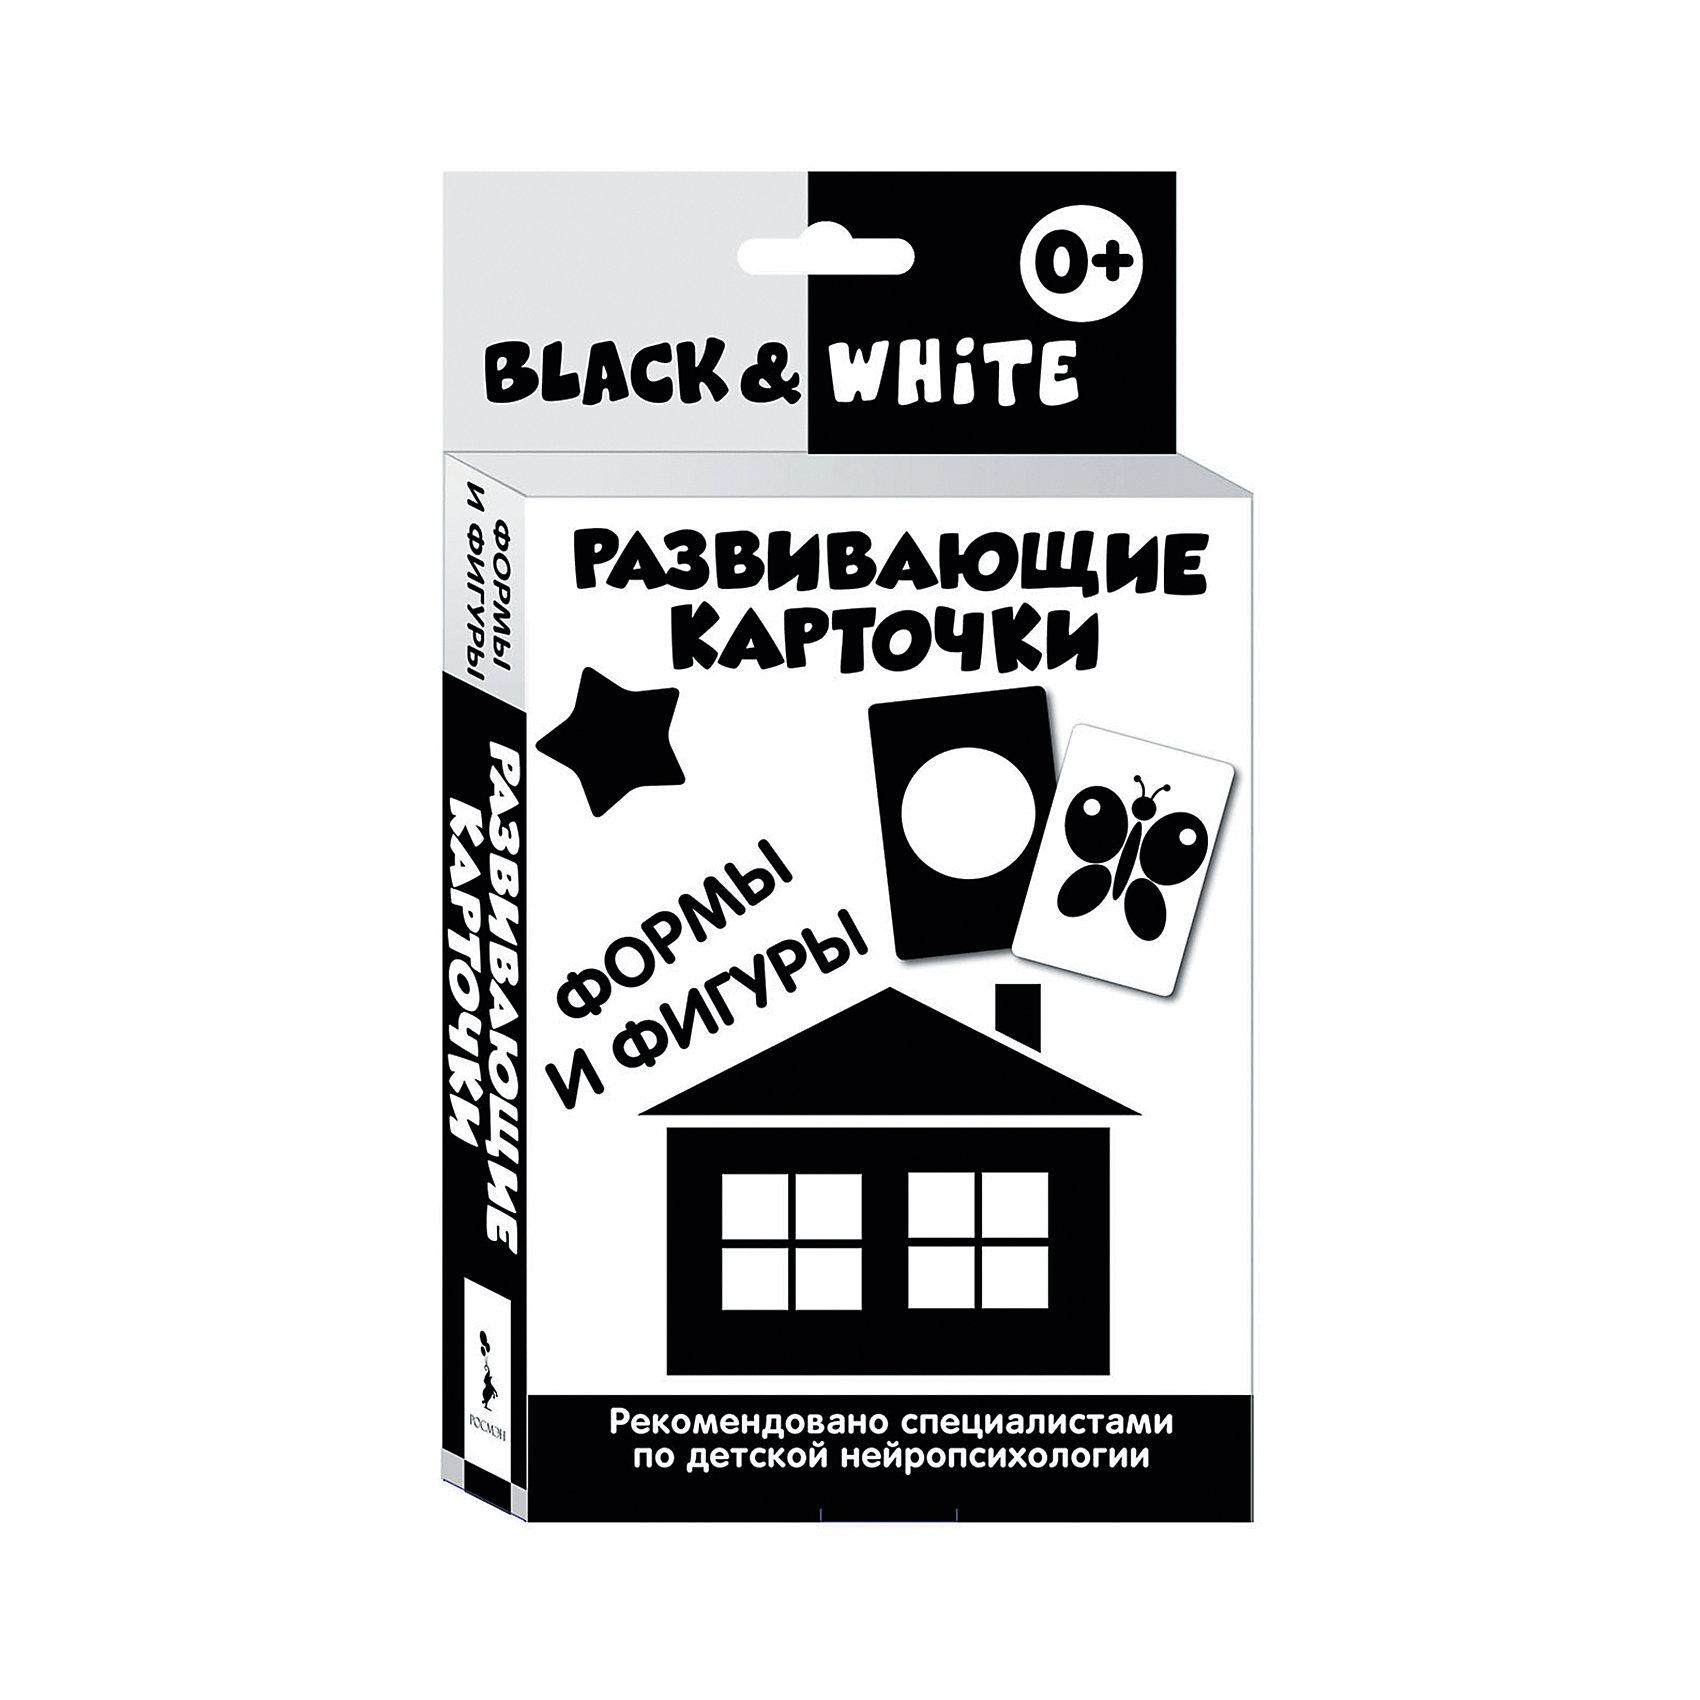 Развивающие карточки Black &amp; White. Формы и фигурыОбучающие карточки<br>Характеристики товара:<br><br>- цвет: черно-белый;<br>- материал: бумага;<br>- количество карточек: 16;<br>- формат: 20,0 x 11,2 см;<br>- возраст: 0+;<br>- обложка: картонная коробка.<br><br>Развивающие карточки – отличный вариант для раннего обучения ребенка и дальнейшей его подготовке школе. Набор тренирует зрительную память и восприятие. Комплект содержит 16 карточек с контрастными изображениями из картона. В наборе есть инструкция для родителей, разработанная специализированными нейропсихологами. Все материалы, использованные при производстве издания, соответствуют всем стандартам качества и безопасности. <br><br>Издание Развивающие карточки Black &amp; White. Формы и фигуры от компании Росмэн можно приобрести в нашем интернет-магазине.<br><br>Ширина мм: 200<br>Глубина мм: 112<br>Высота мм: 20<br>Вес г: 220<br>Возраст от месяцев: 0<br>Возраст до месяцев: 36<br>Пол: Унисекс<br>Возраст: Детский<br>SKU: 5109865